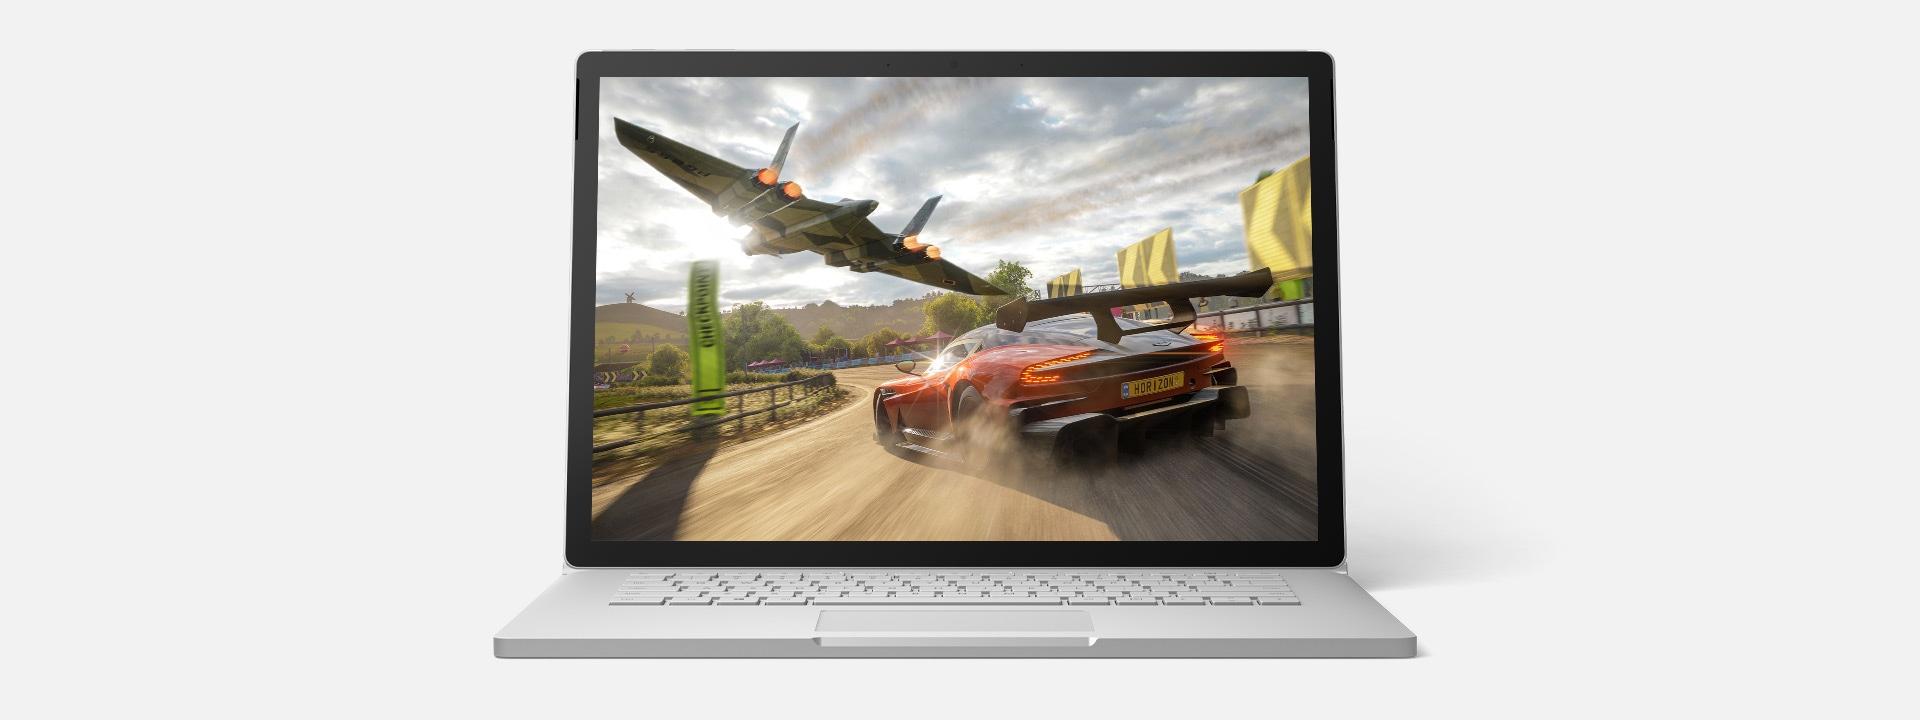 Surface Book 3 que ejecuta un juego para Xbox